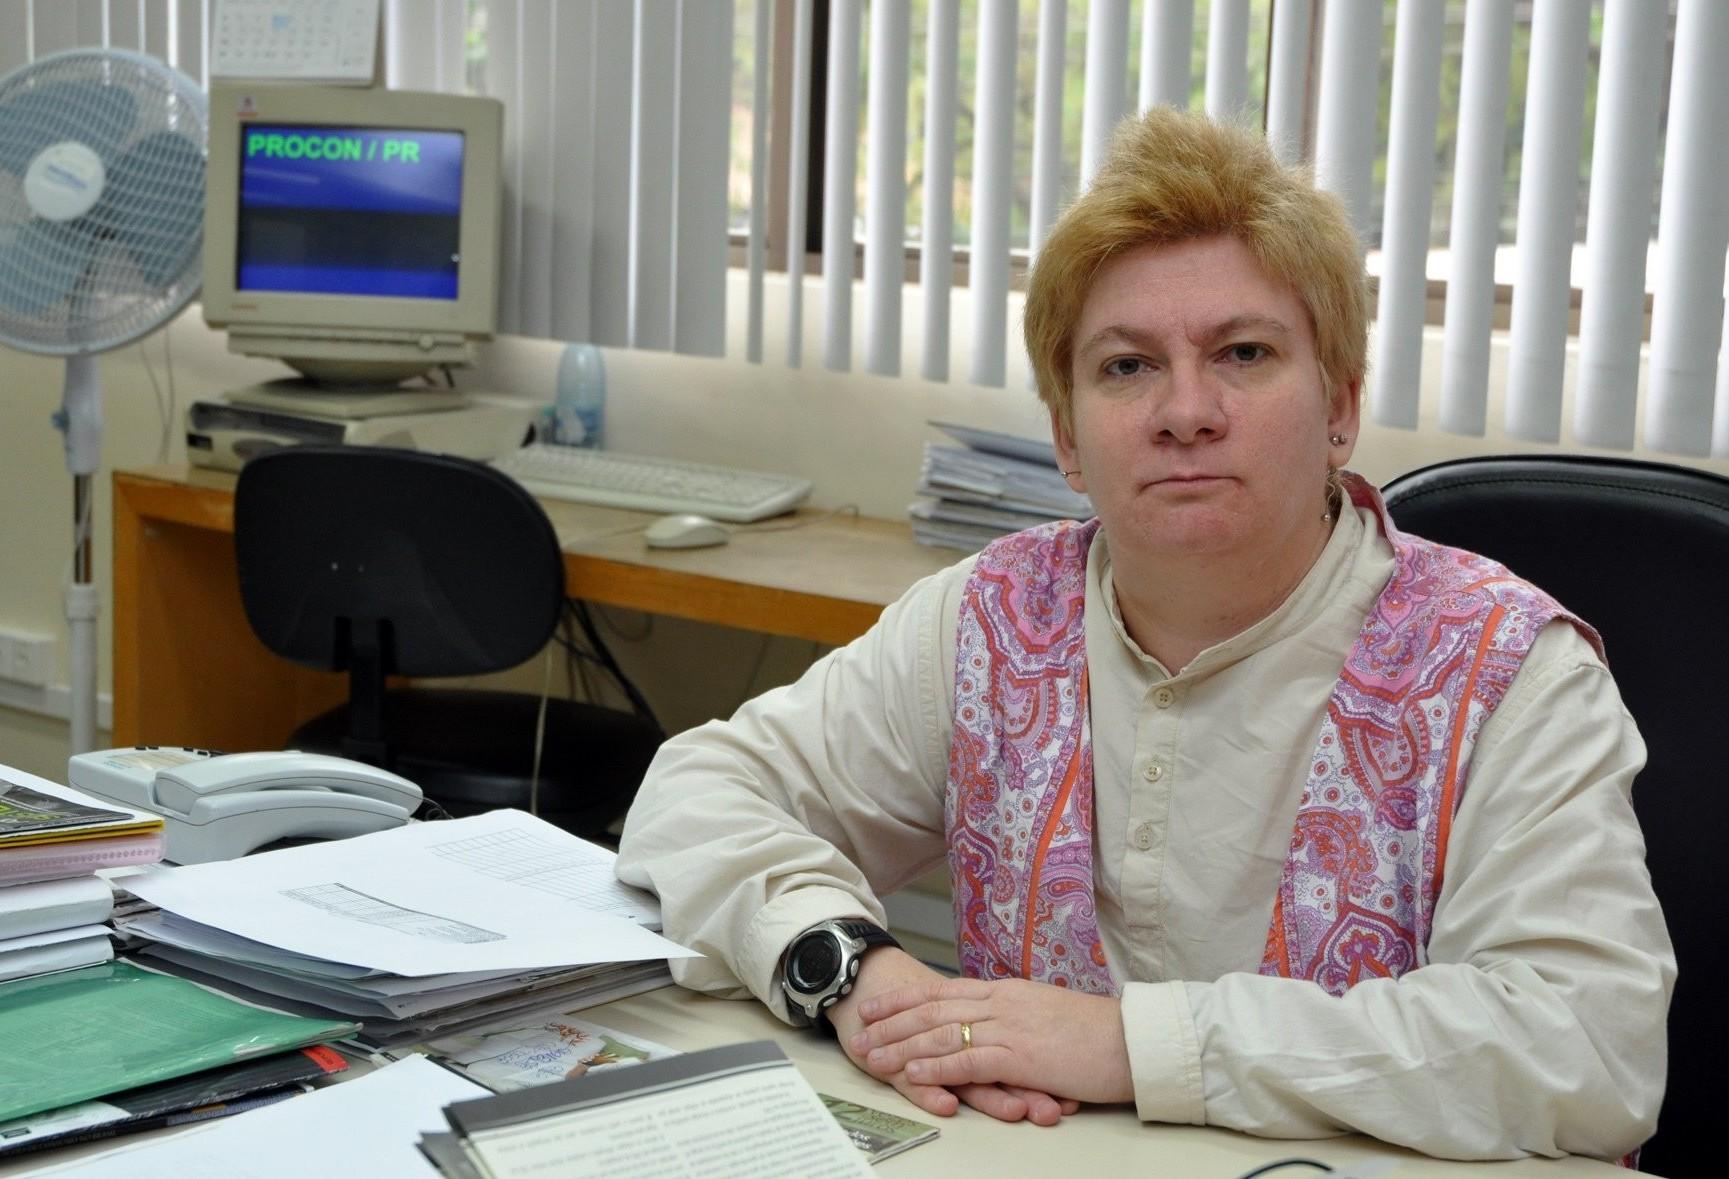 Procon Paraná registra 92 mil atendimentos no primeiro semestre de 2021